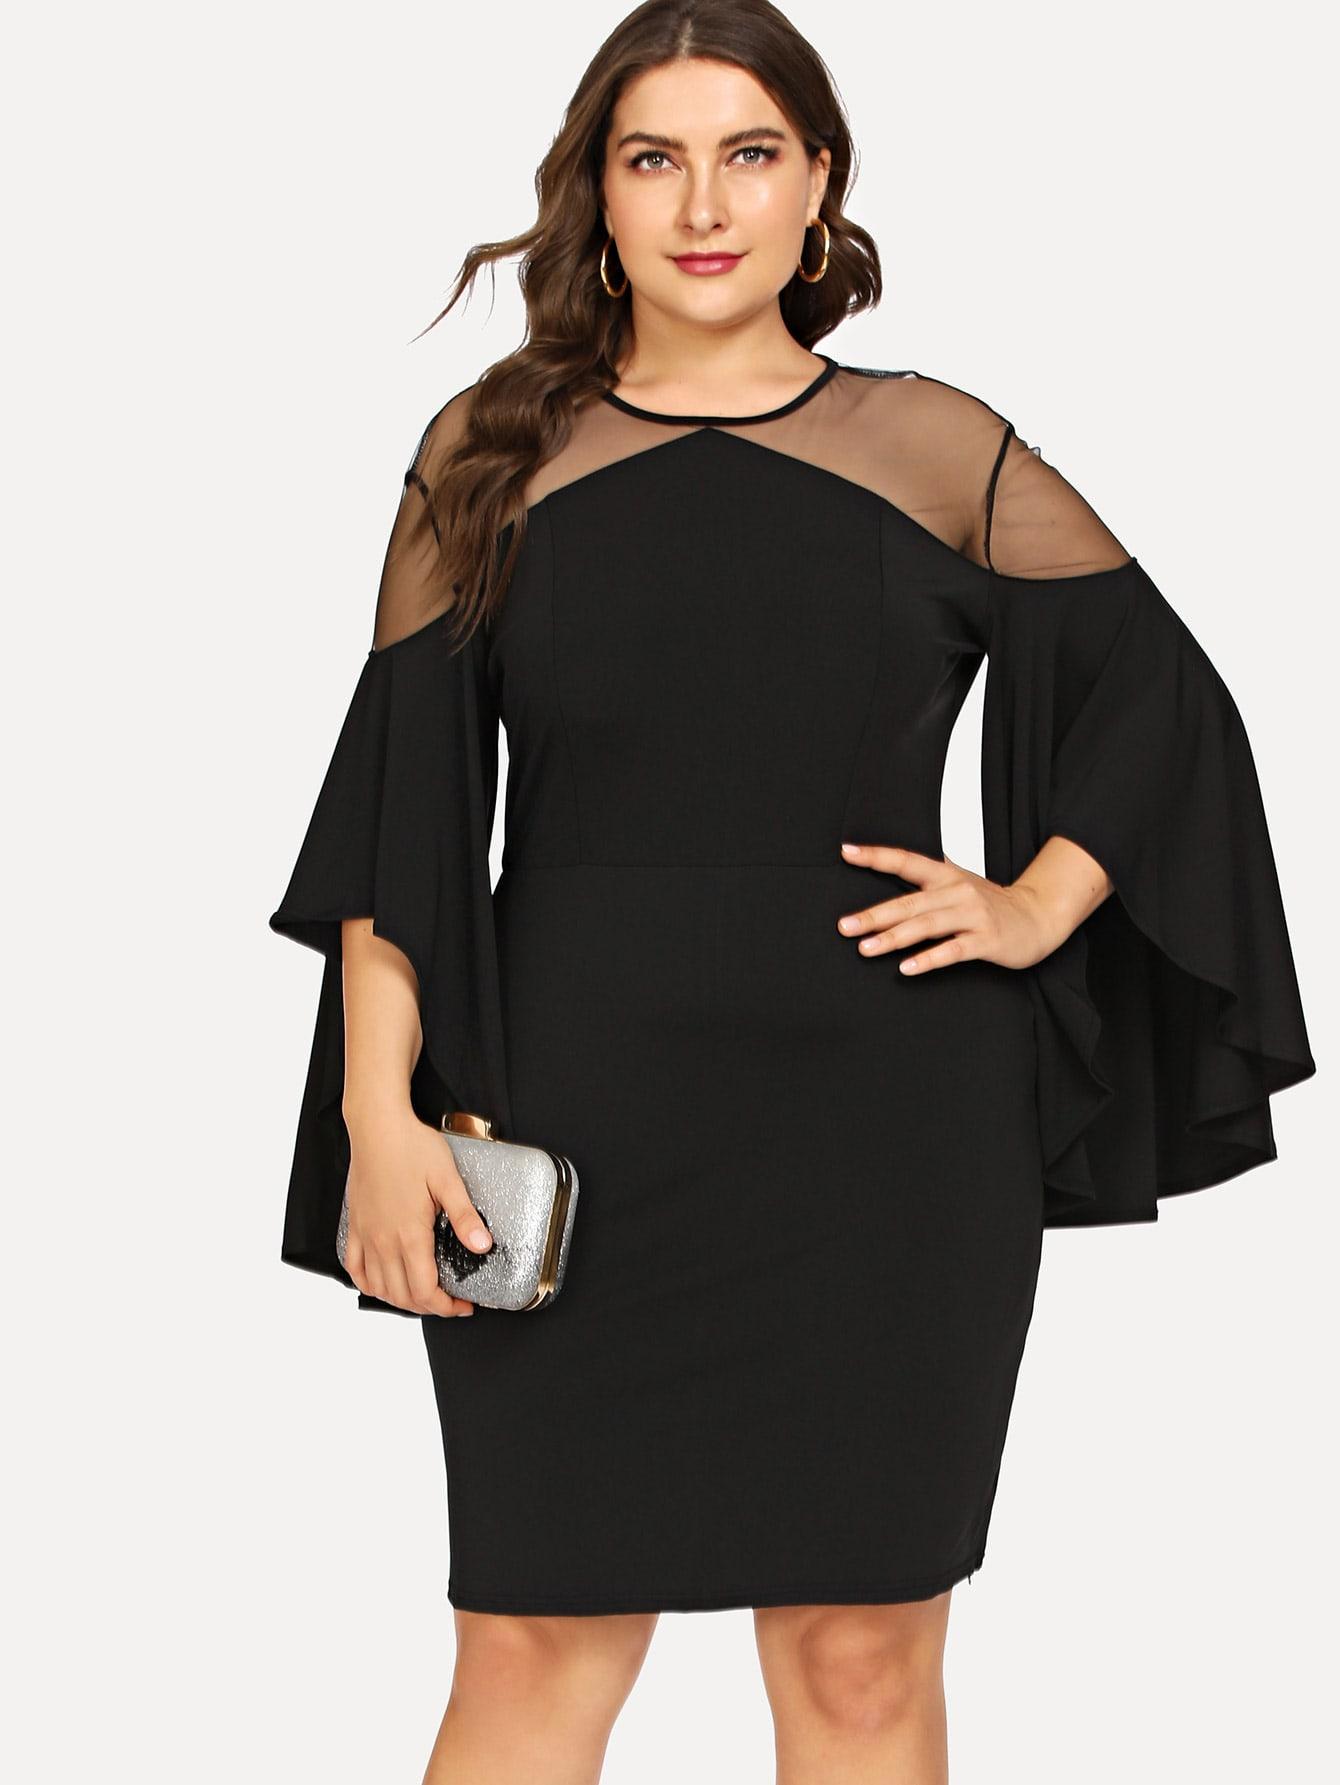 Купить Партия Одноцветный Контрастная сетка Чёрные Платья большого размера, Franziska, SheIn